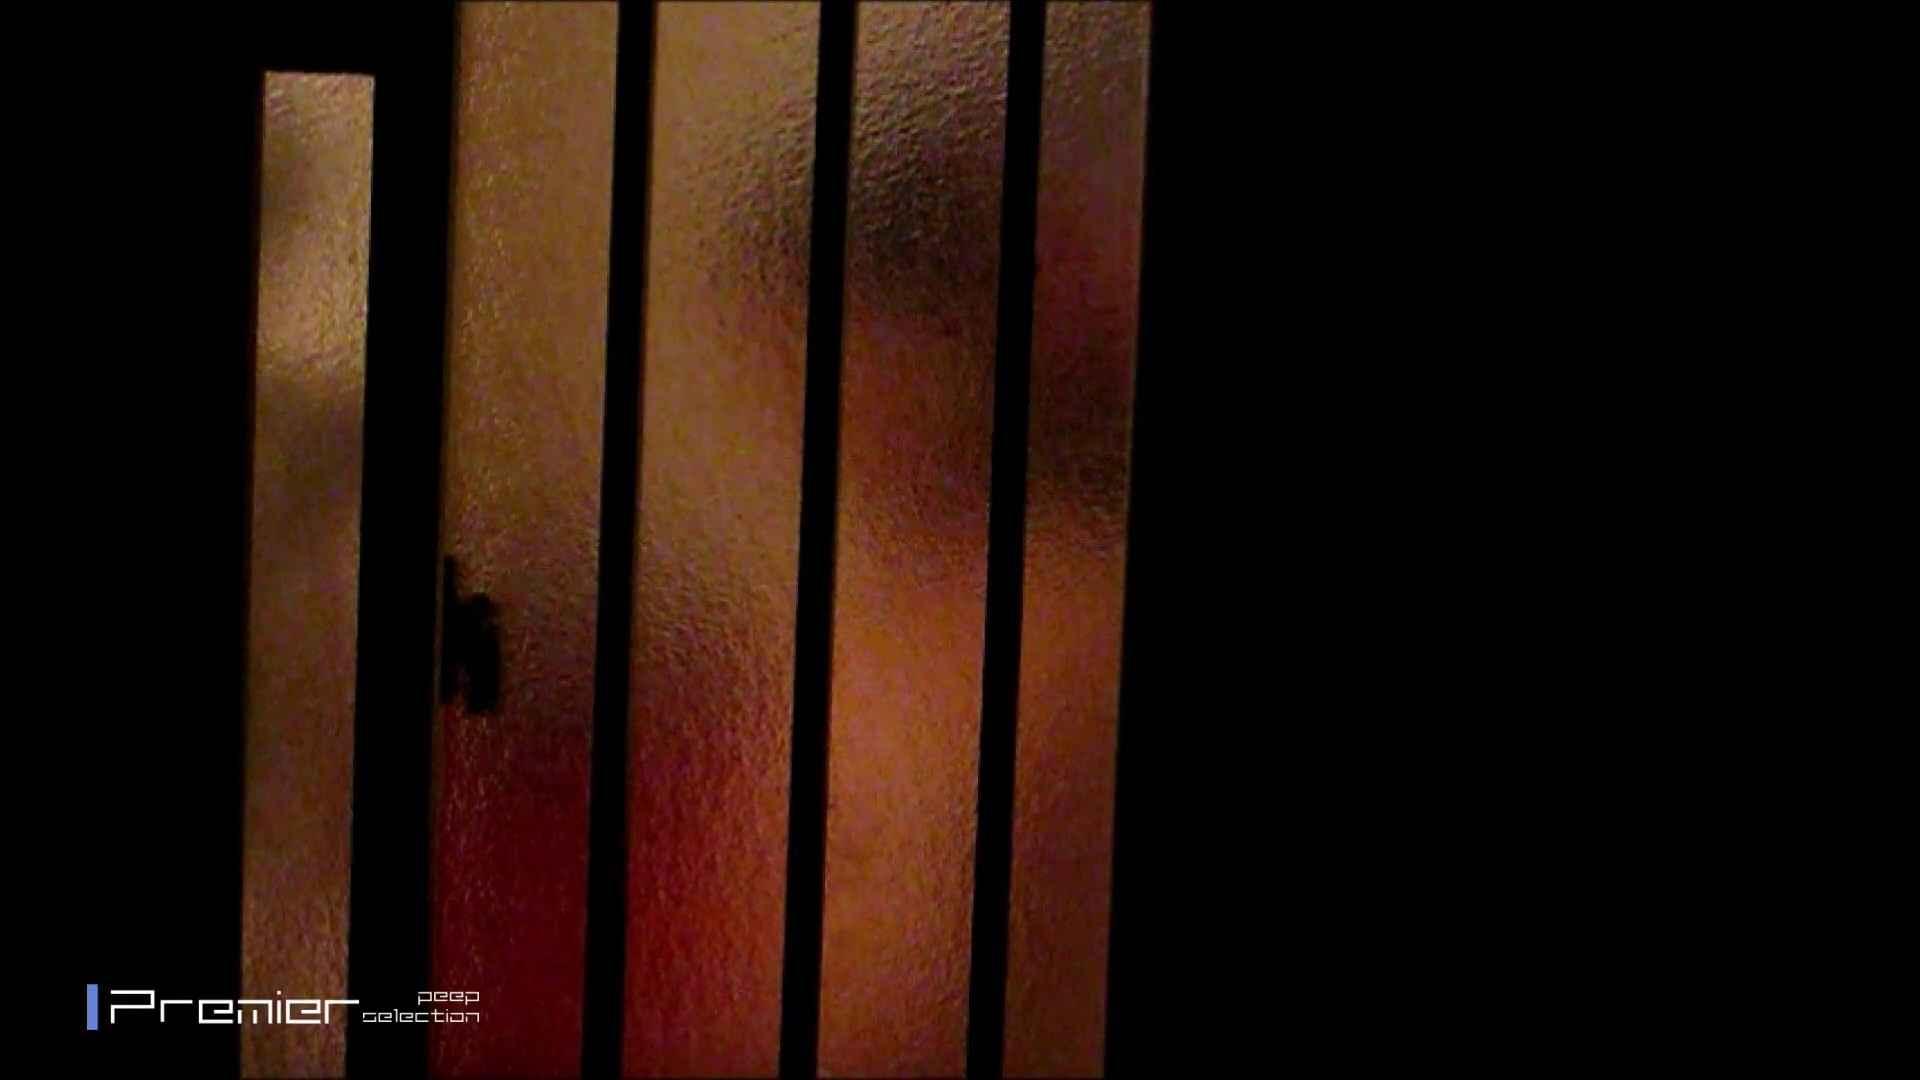 スレンダー美女の桃色乳首 乙女の風呂場 Vol.09 乙女 セックス画像 51pic 33